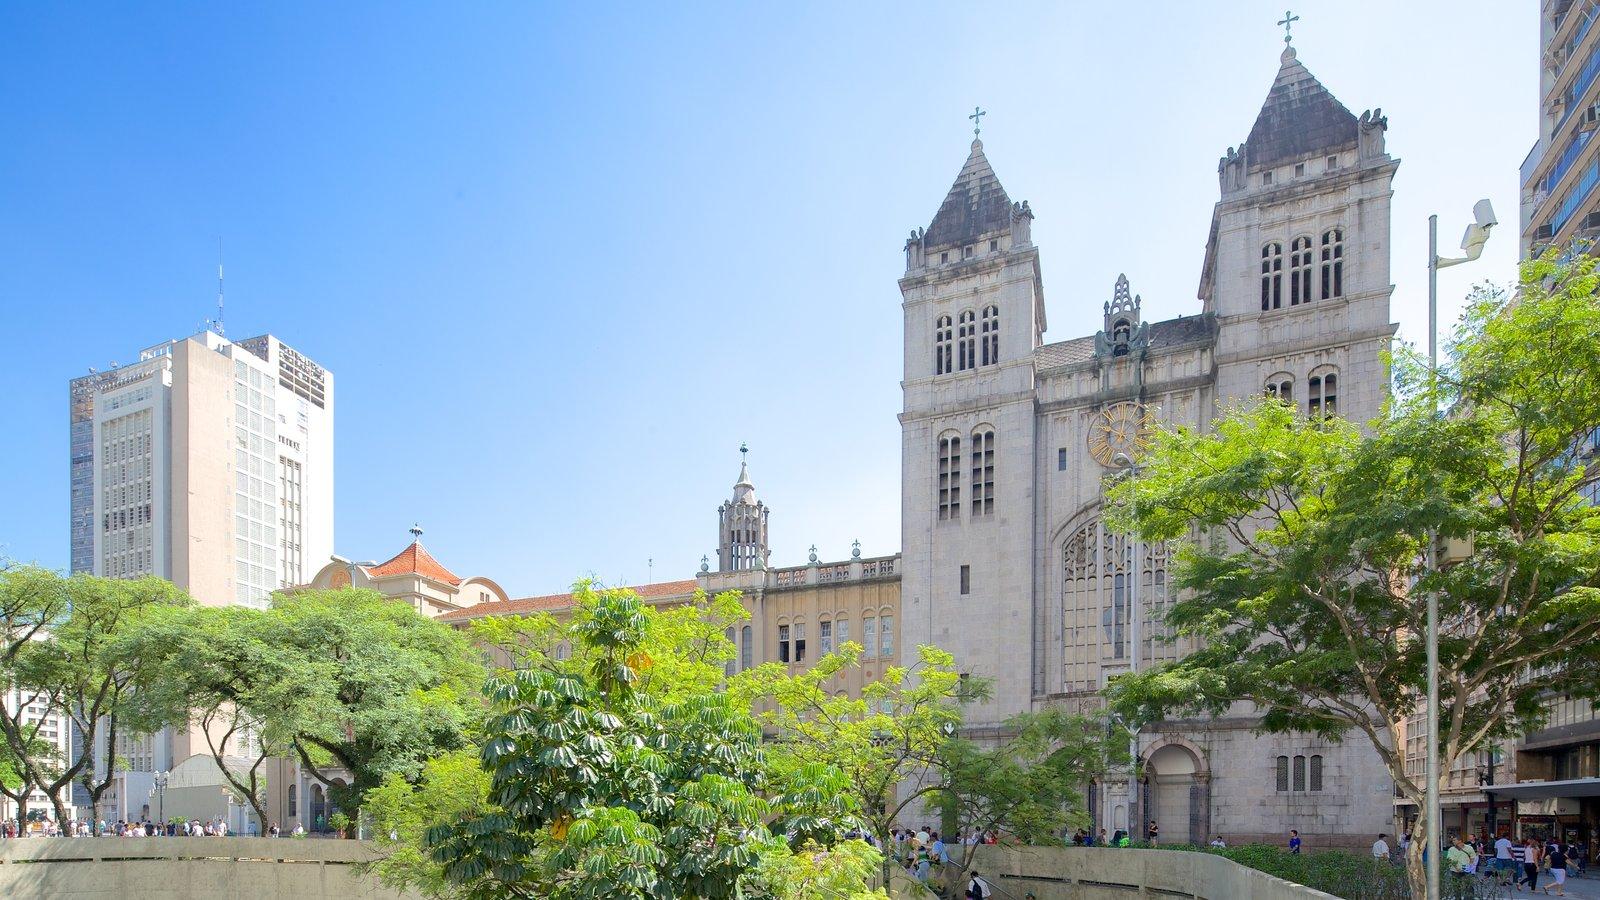 Mosteiro de São Bento caracterizando elementos religiosos, uma igreja ou catedral e arquitetura de patrimônio